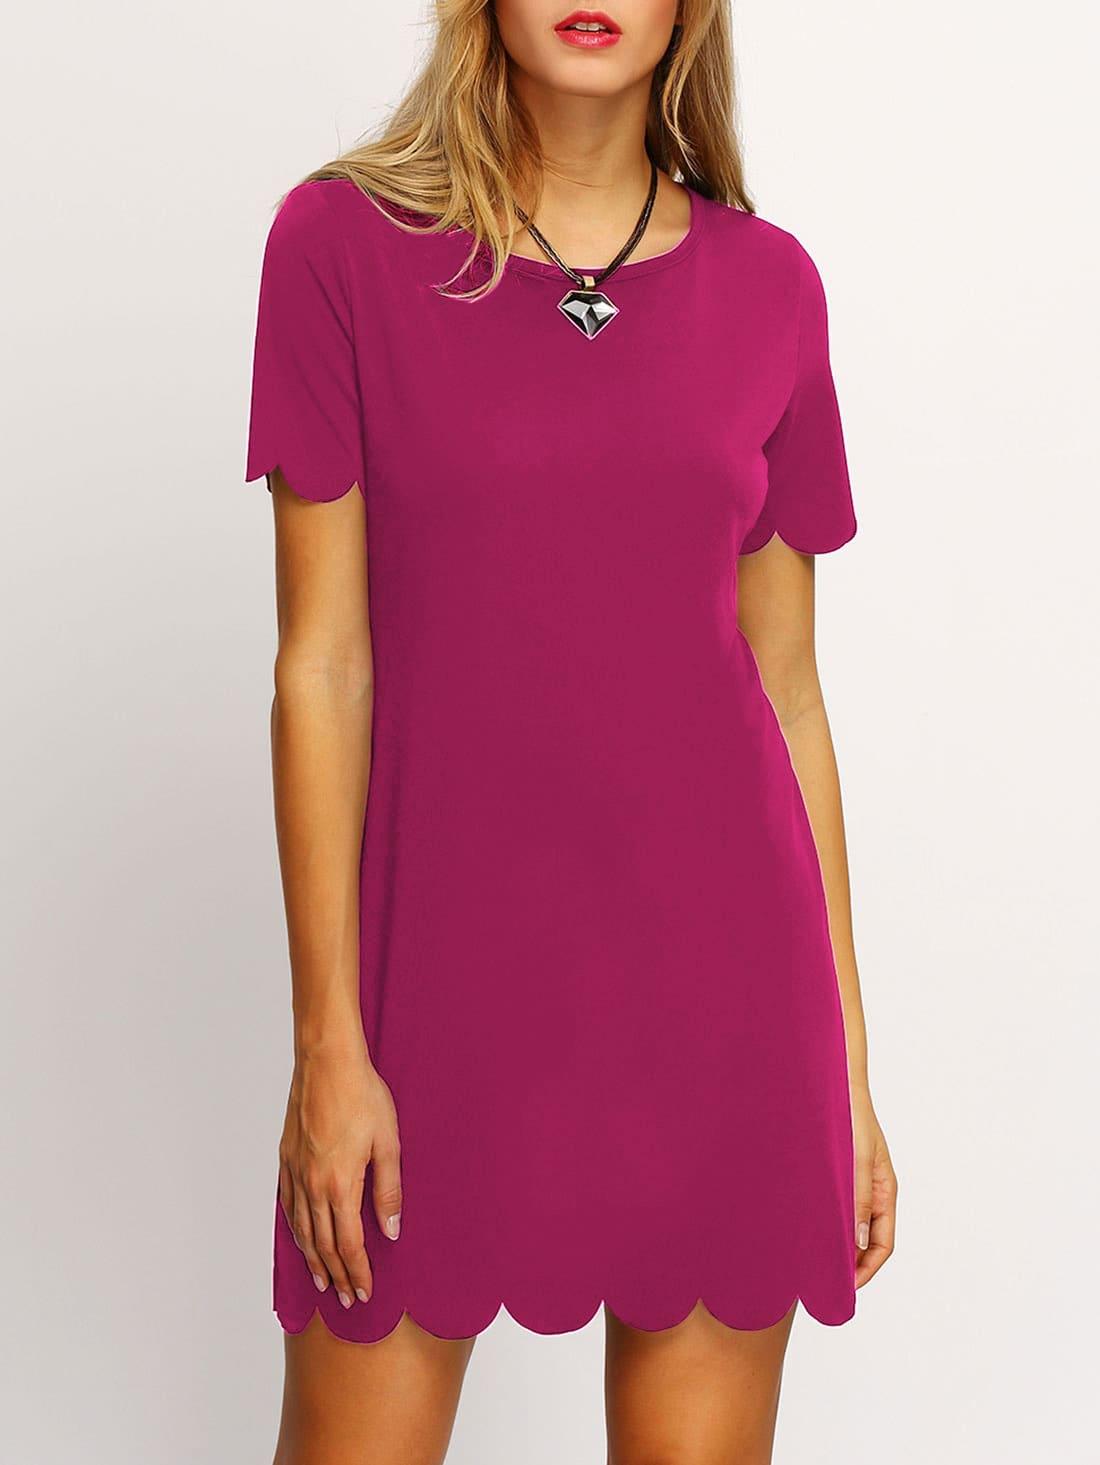 Купить Ярко-розовое модное платье с фестонами, Laura, SheIn